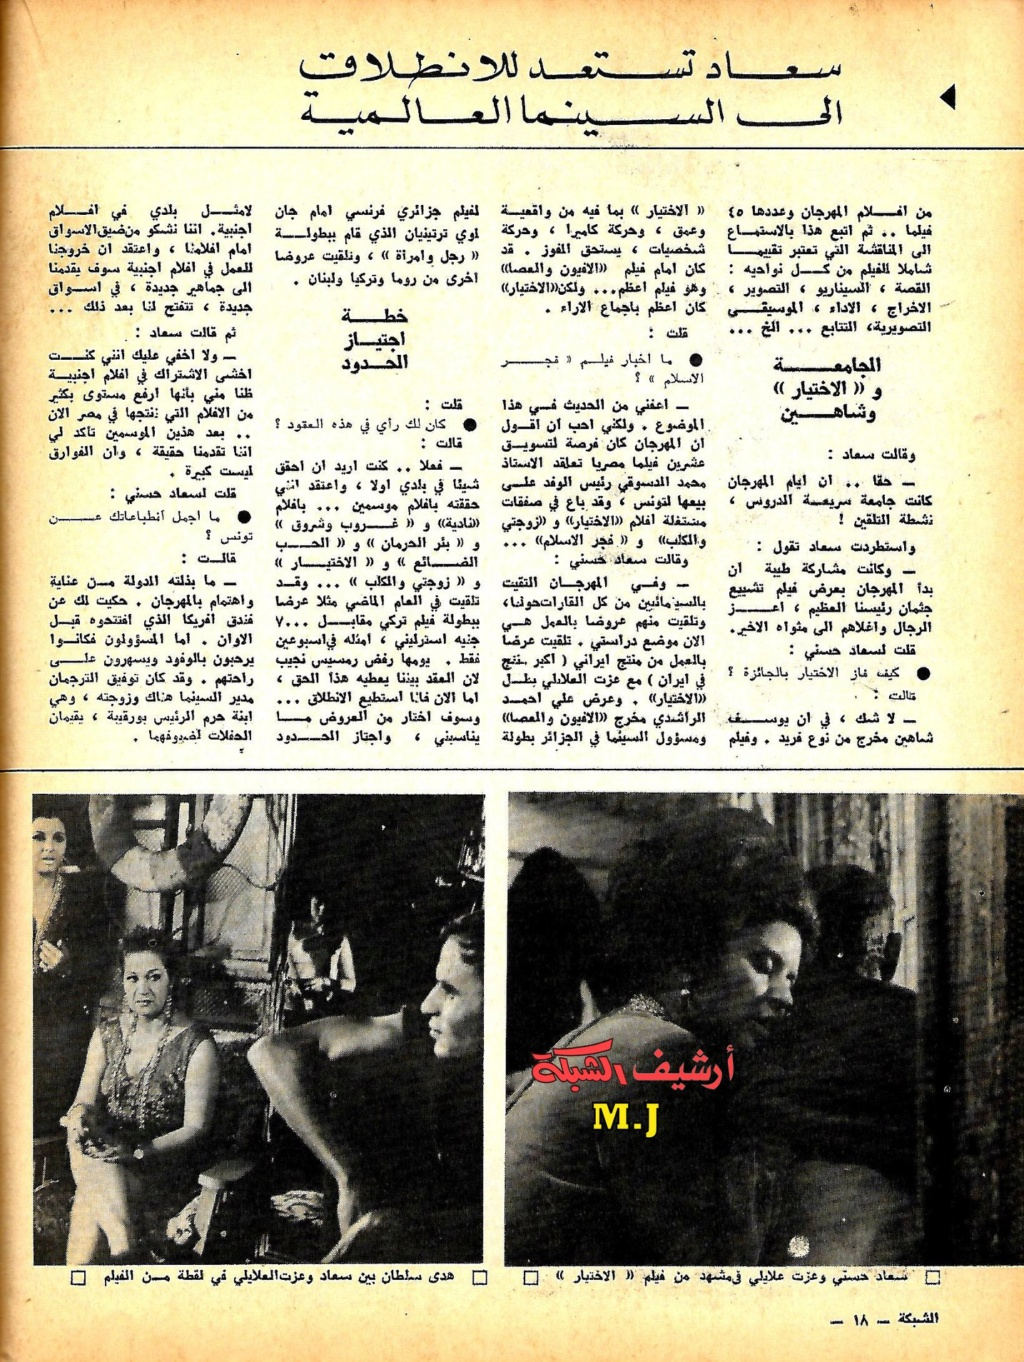 حوار صحفي : سعاد حسني .. نفرتيتي في مهرجان تونس 1970 م 310